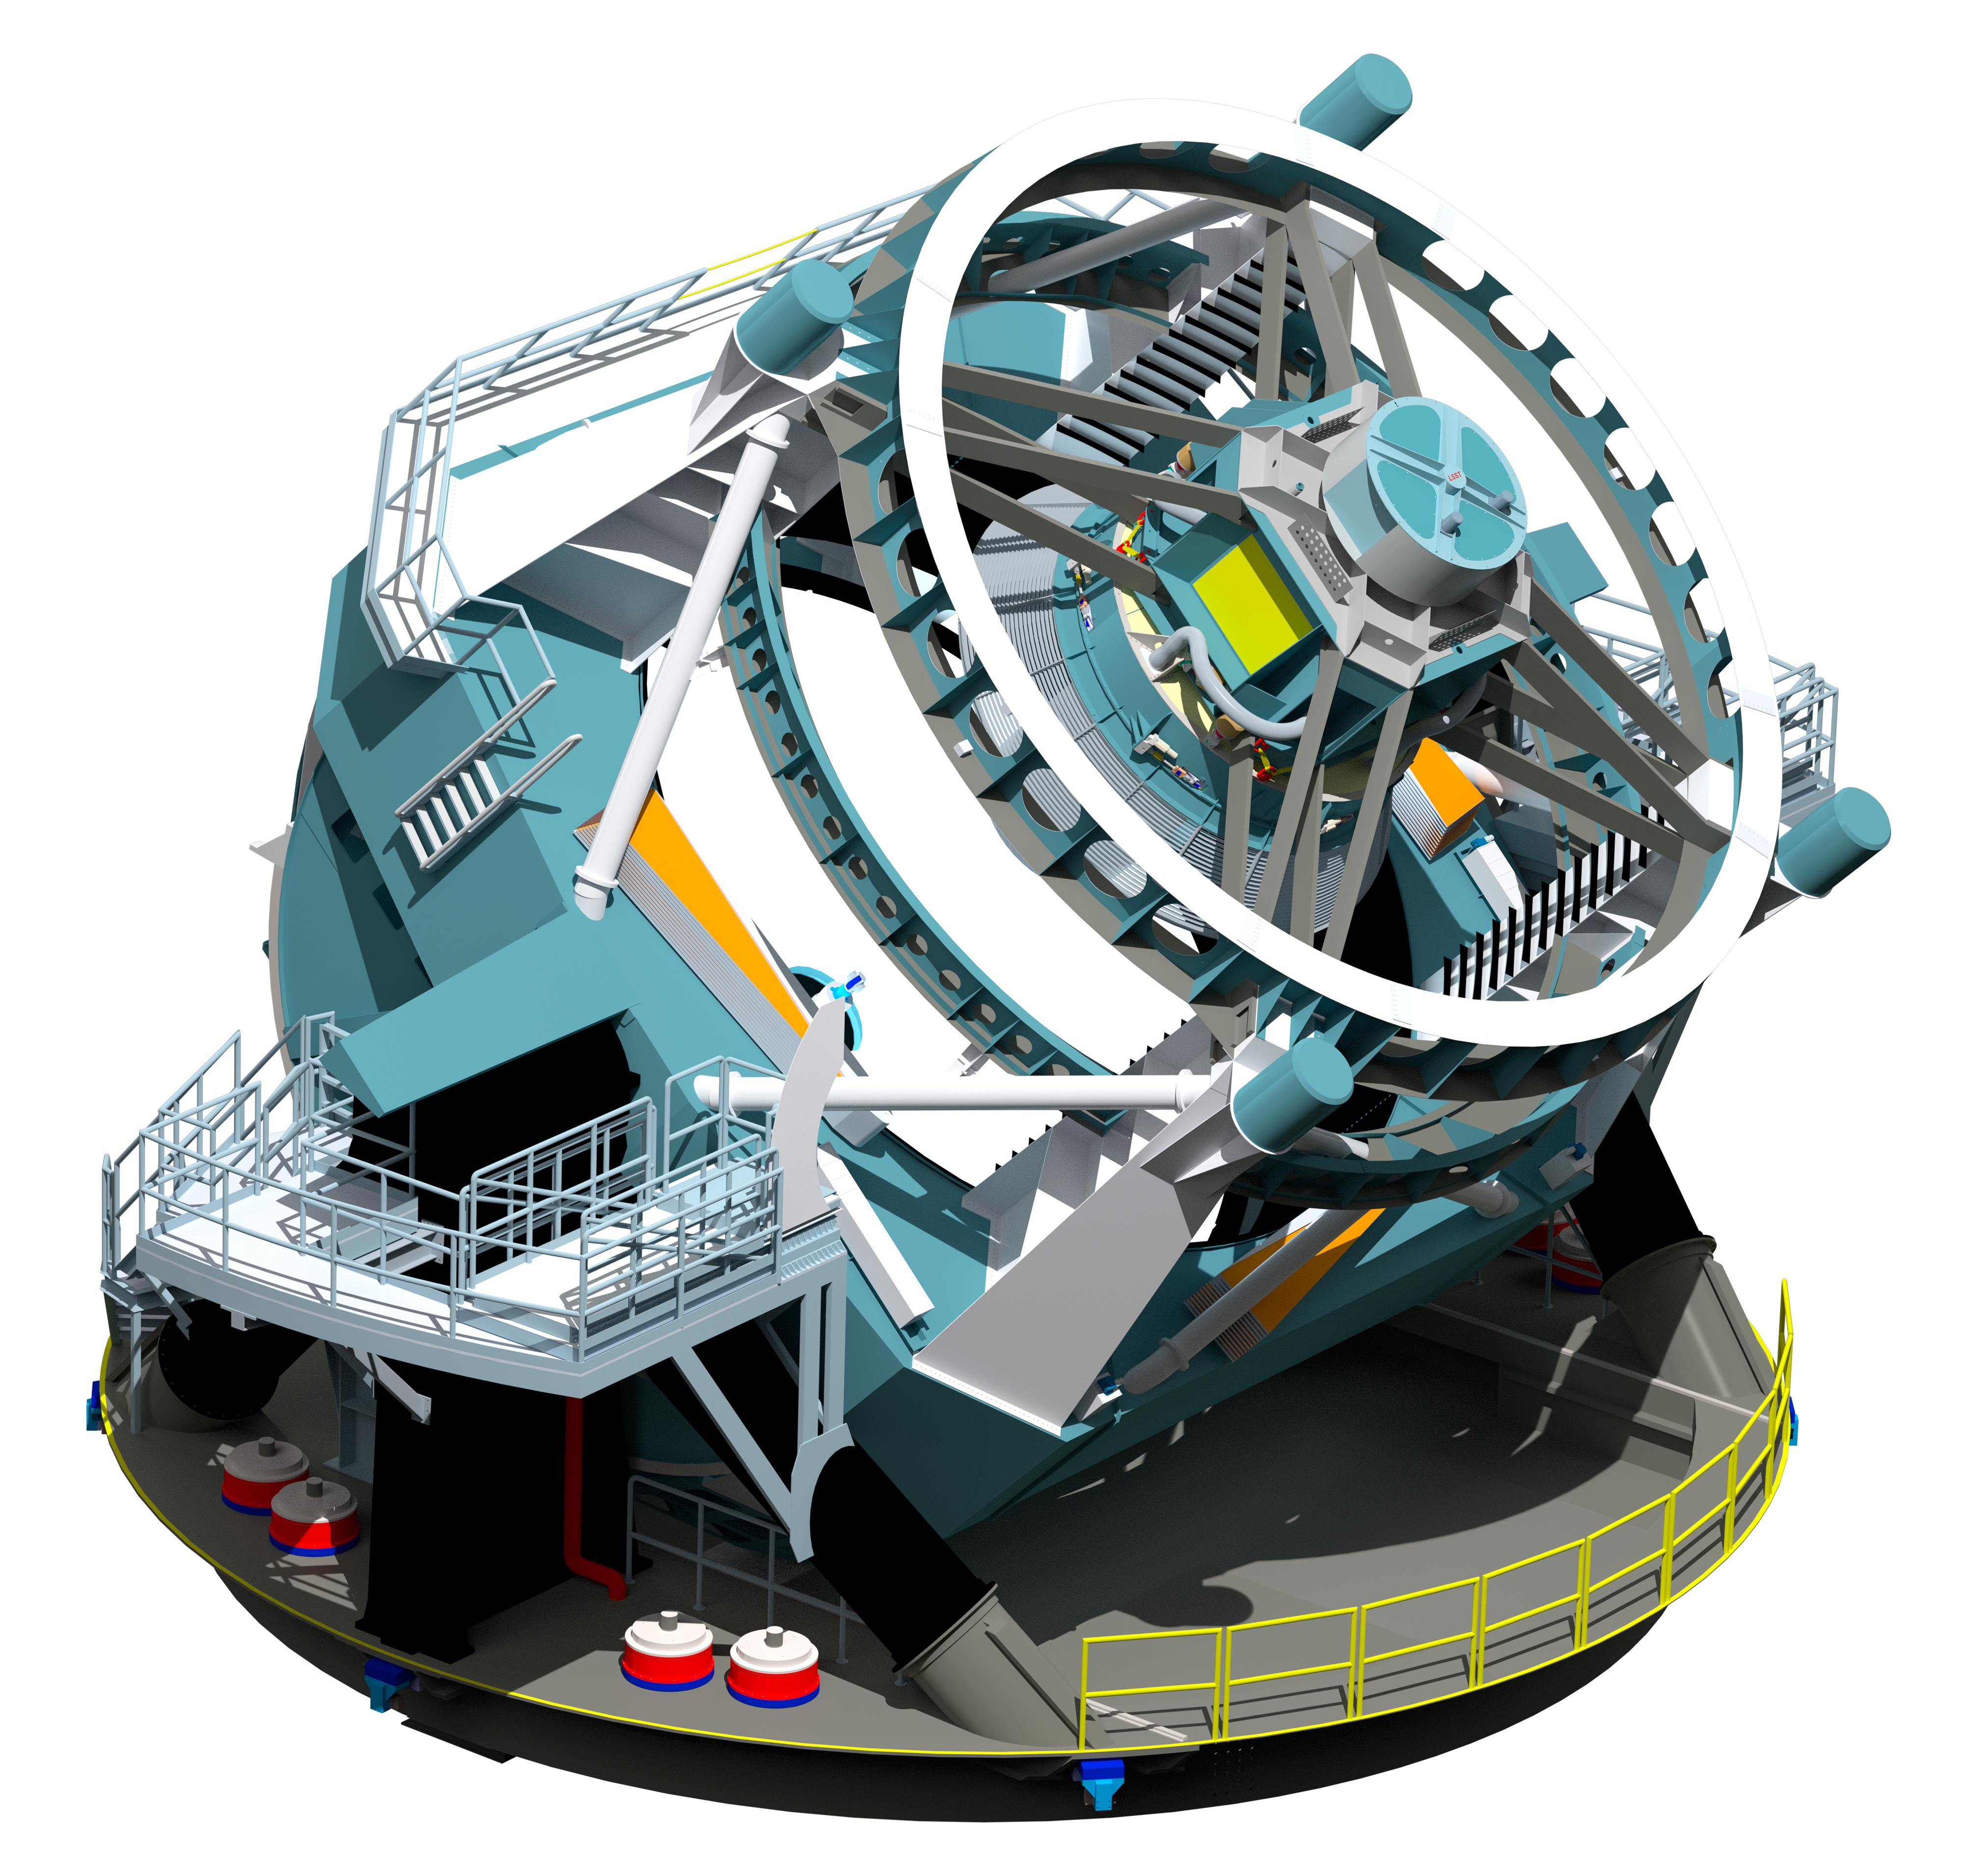 Telescope | The Large Synoptic Survey Telescope